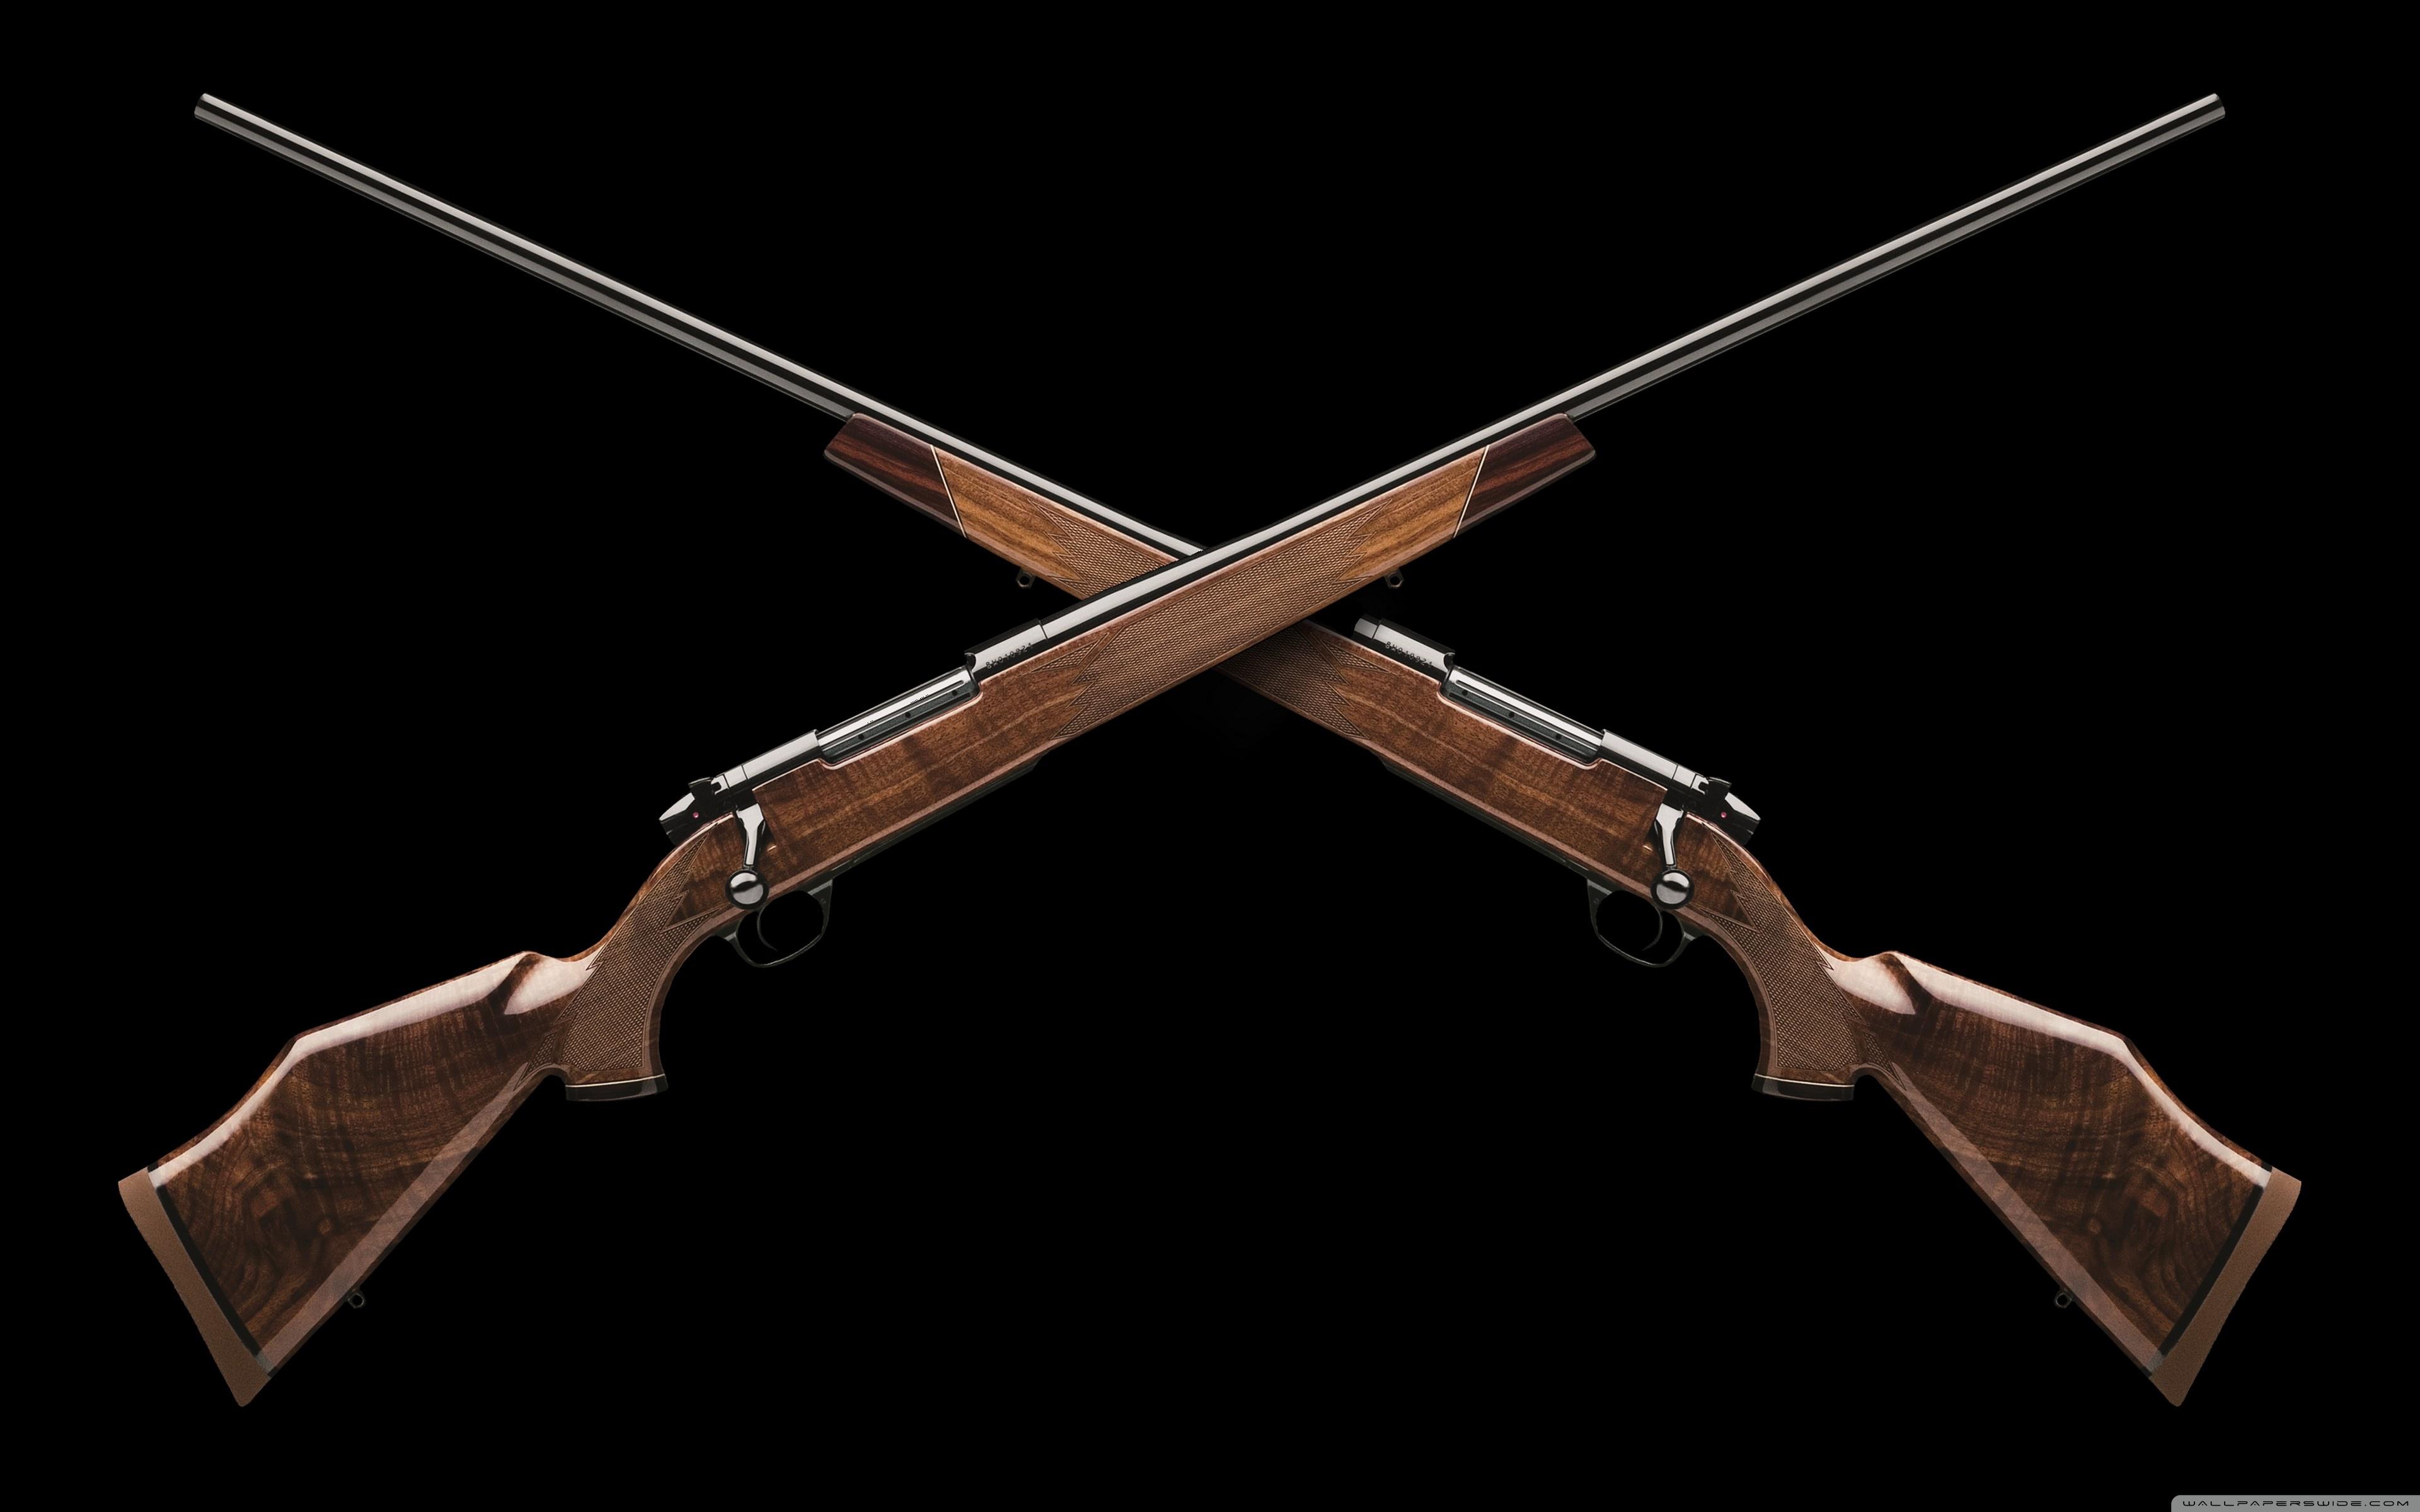 Weatherby Rifles UHD Desktop Wallpaper for 4K Ultra HD TV Wide 3840x2400